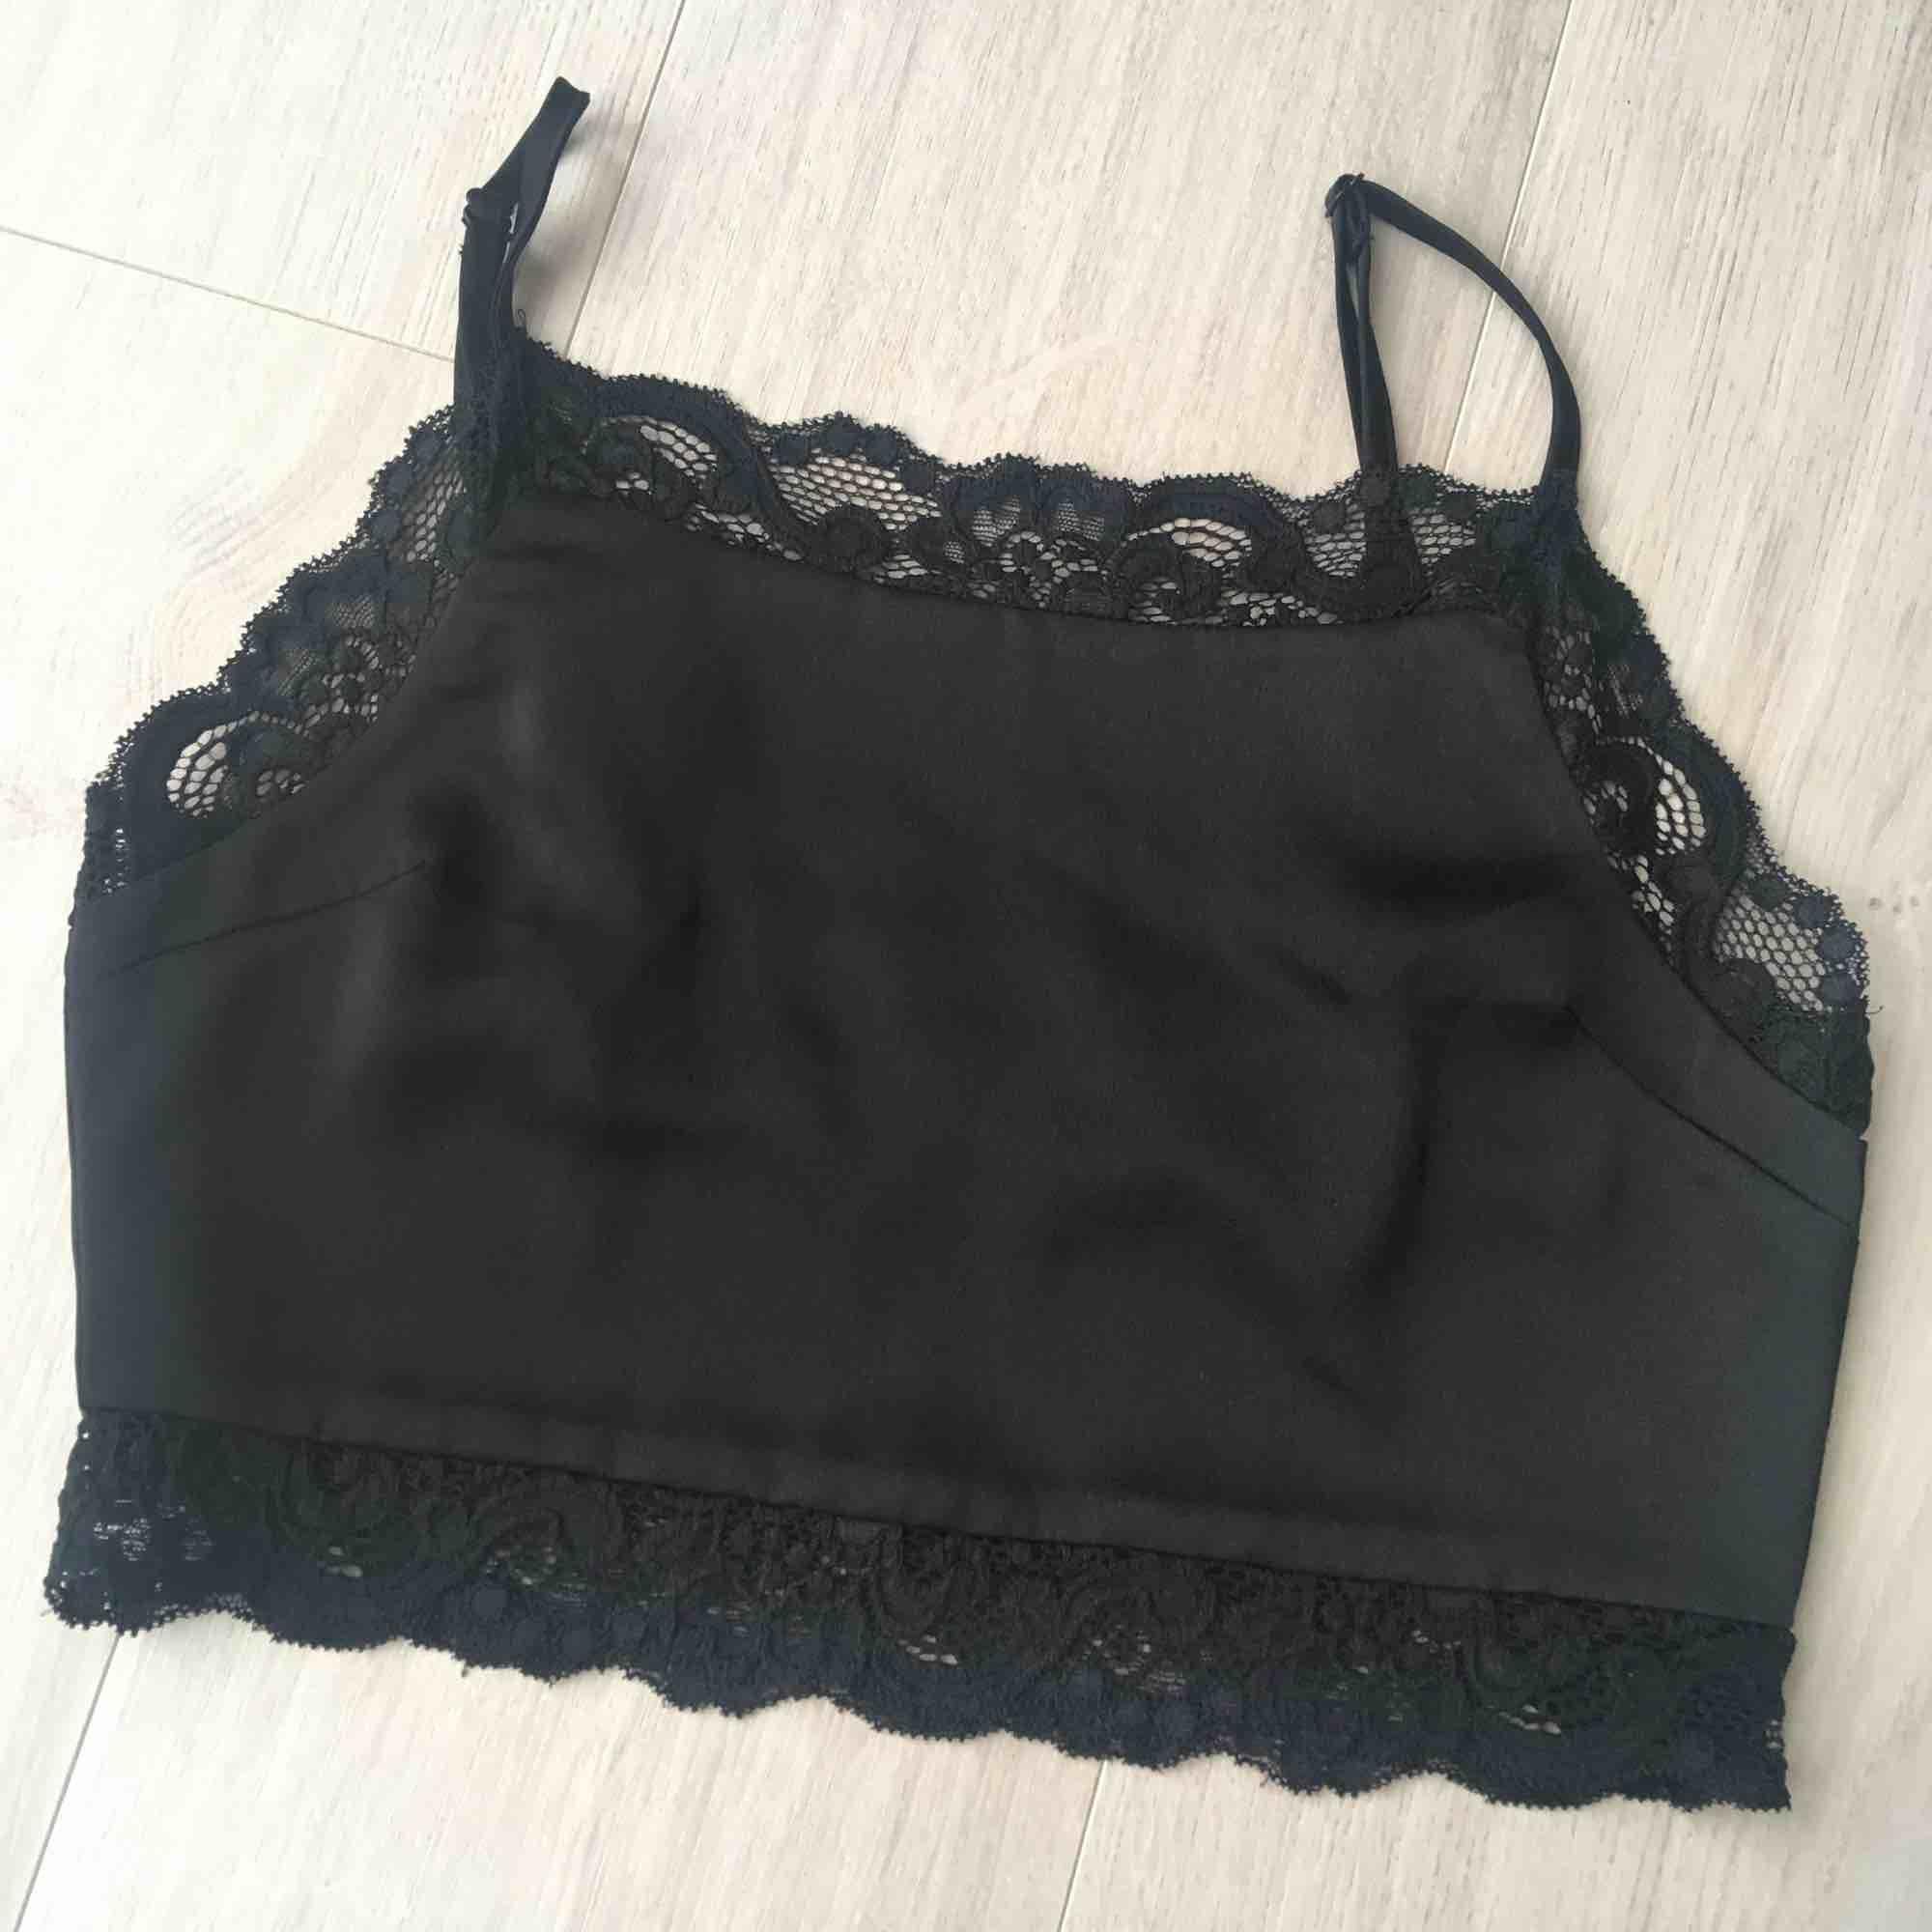 Ny svart cropped lace undertröjan från Pamela X NA-KD kollektion. Aldrig använd. Original priset är 299kr.  Frakt kommer (10kr).. Toppar.